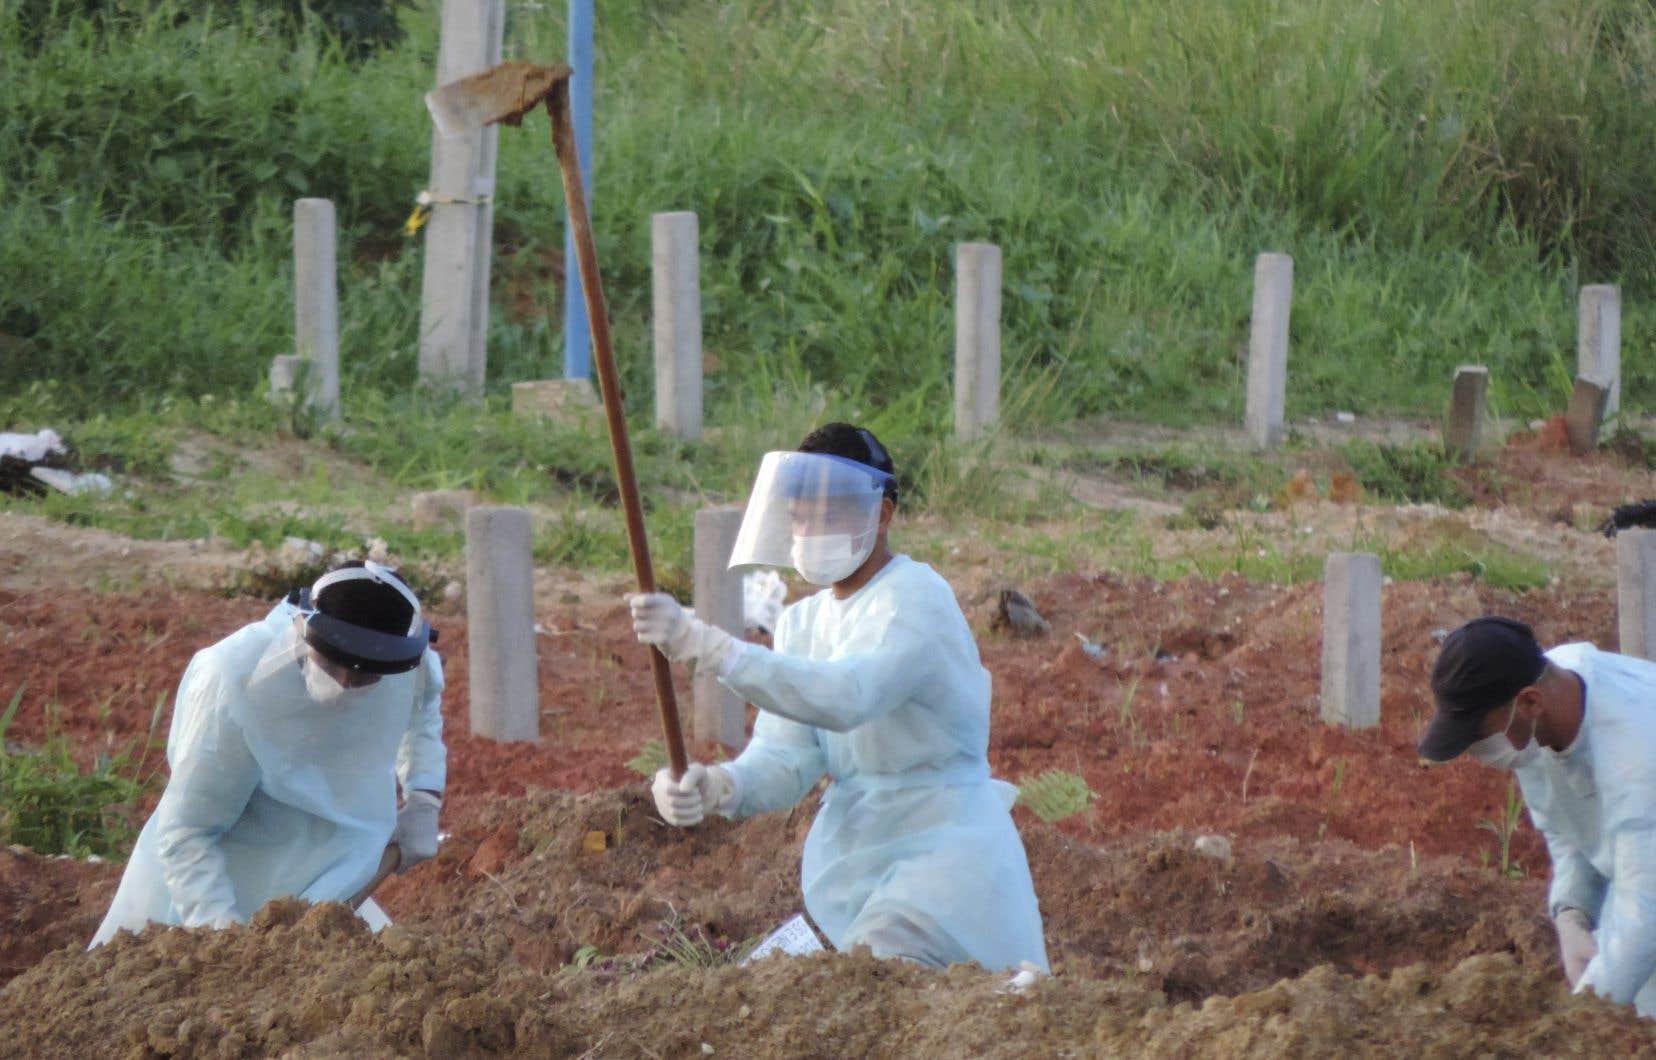 La situation  au Brésil  et en Amérique du Sud inquiète l'OMS, qui  considère  le continent comme un nouvel épicentre  de la pandémie.